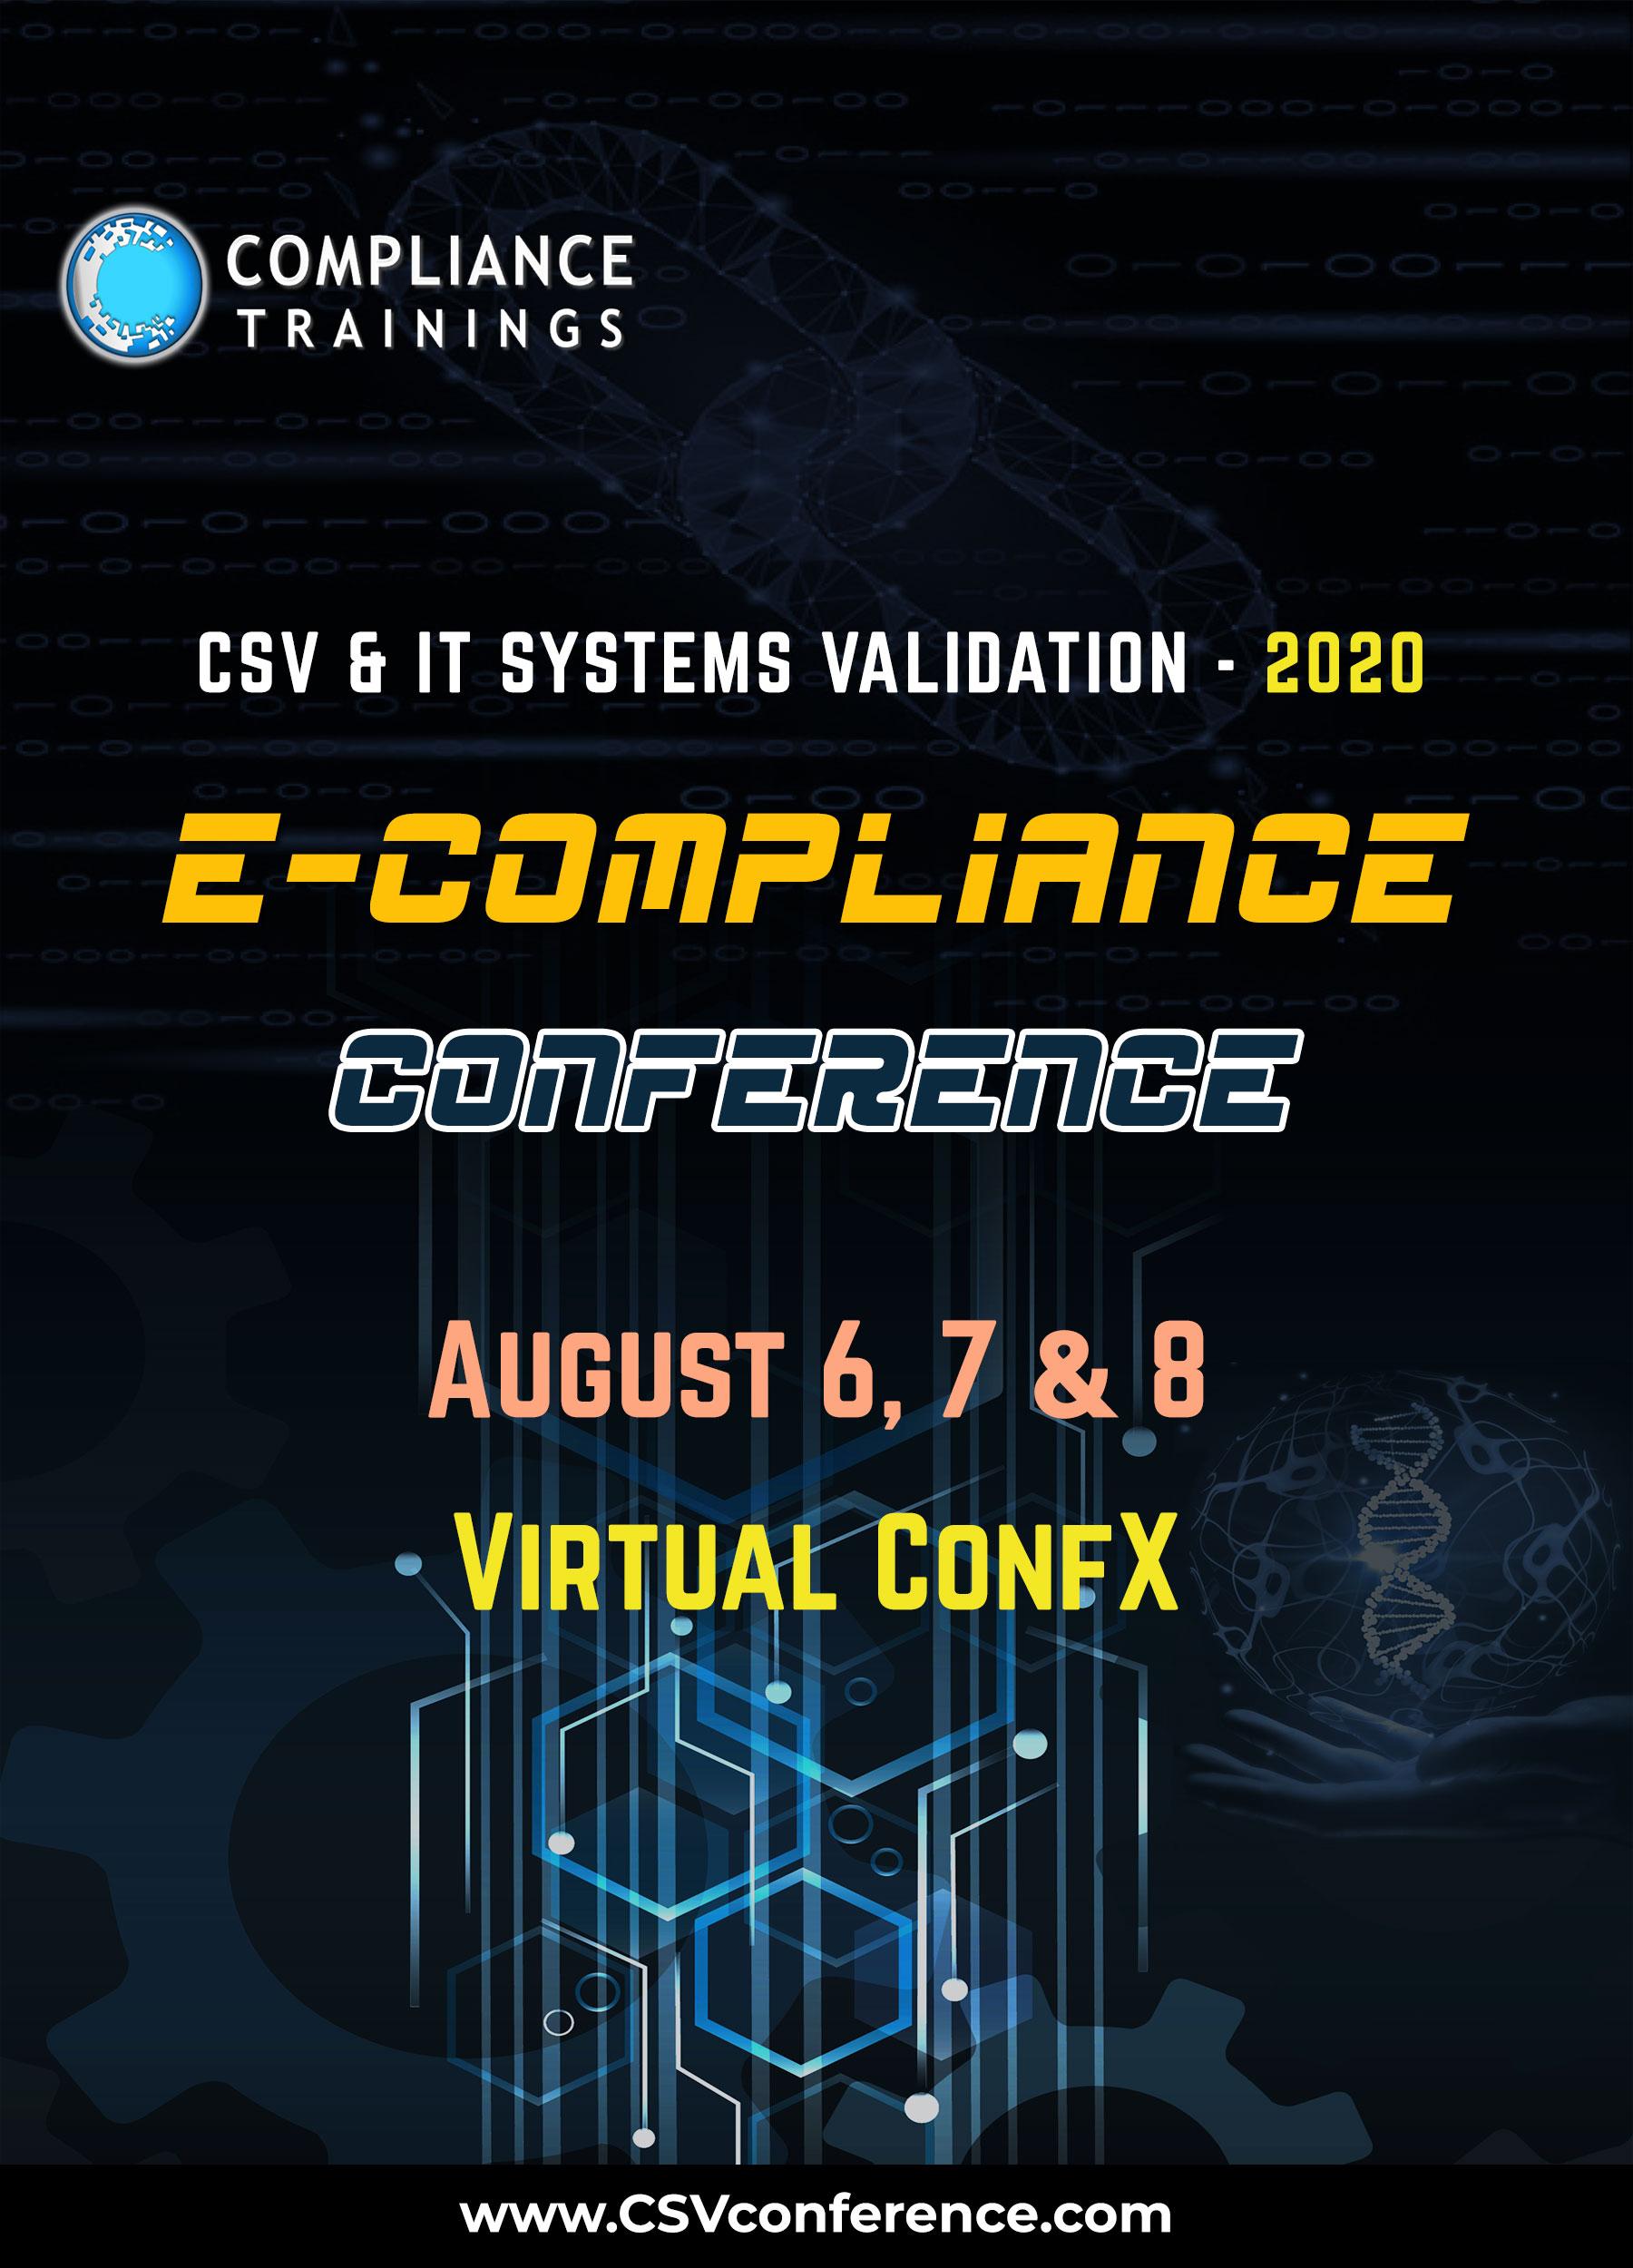 CSV CONFX